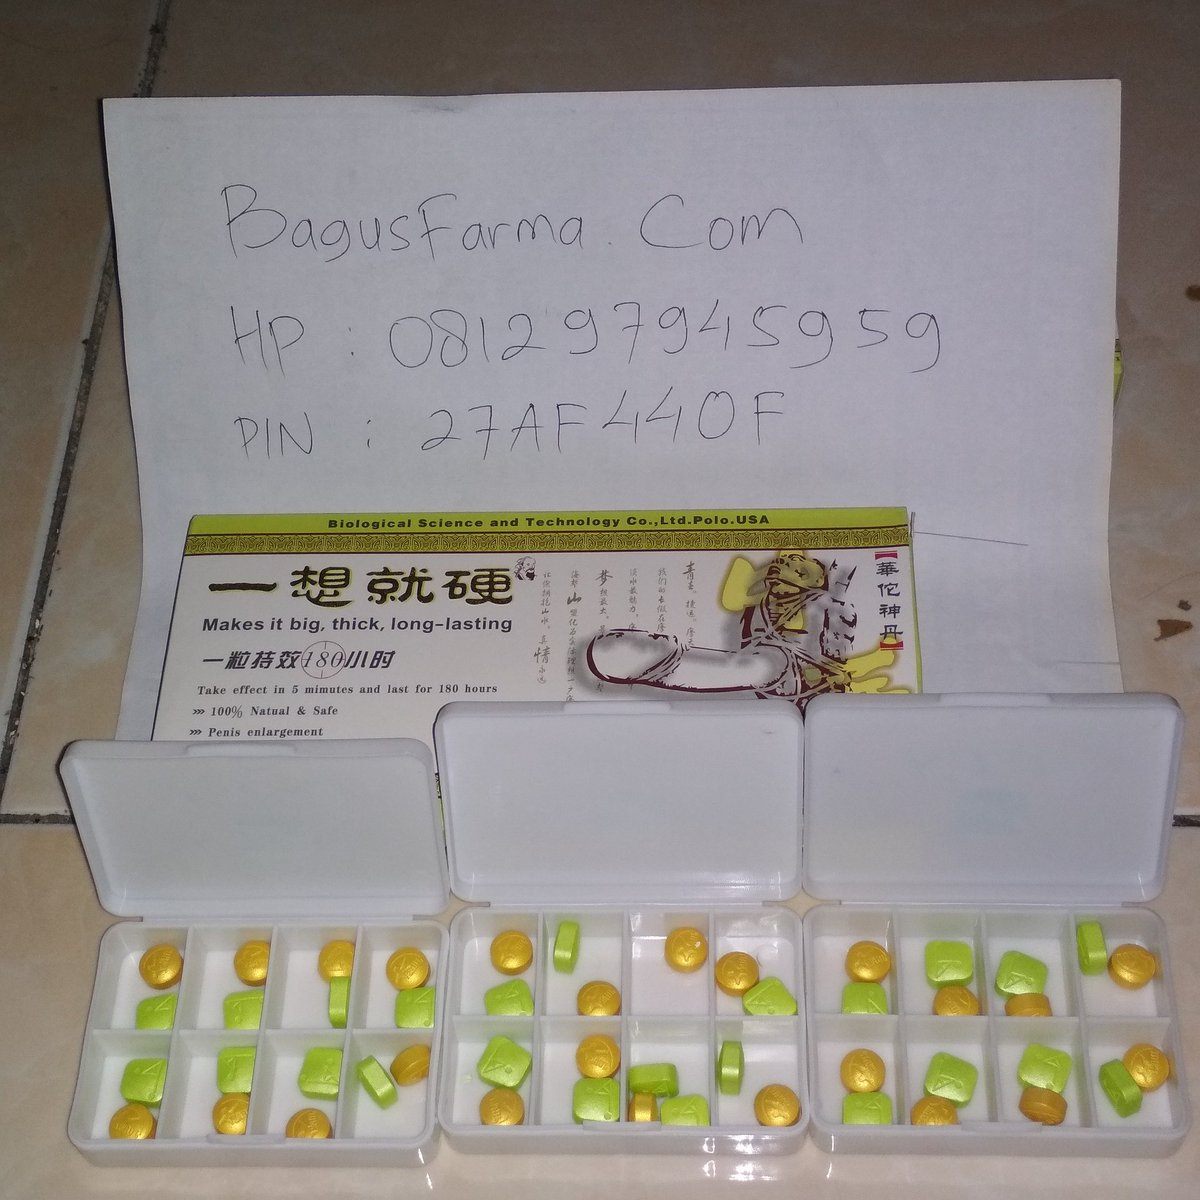 Obat Pembesar Penis Klg Asli T Original Jual Promo Pembelian 2 Box Bonus 1 Wa 0812 9794 5959 Jualobatklg Klgasli Klgmurah Https Co Grcbikrn1t